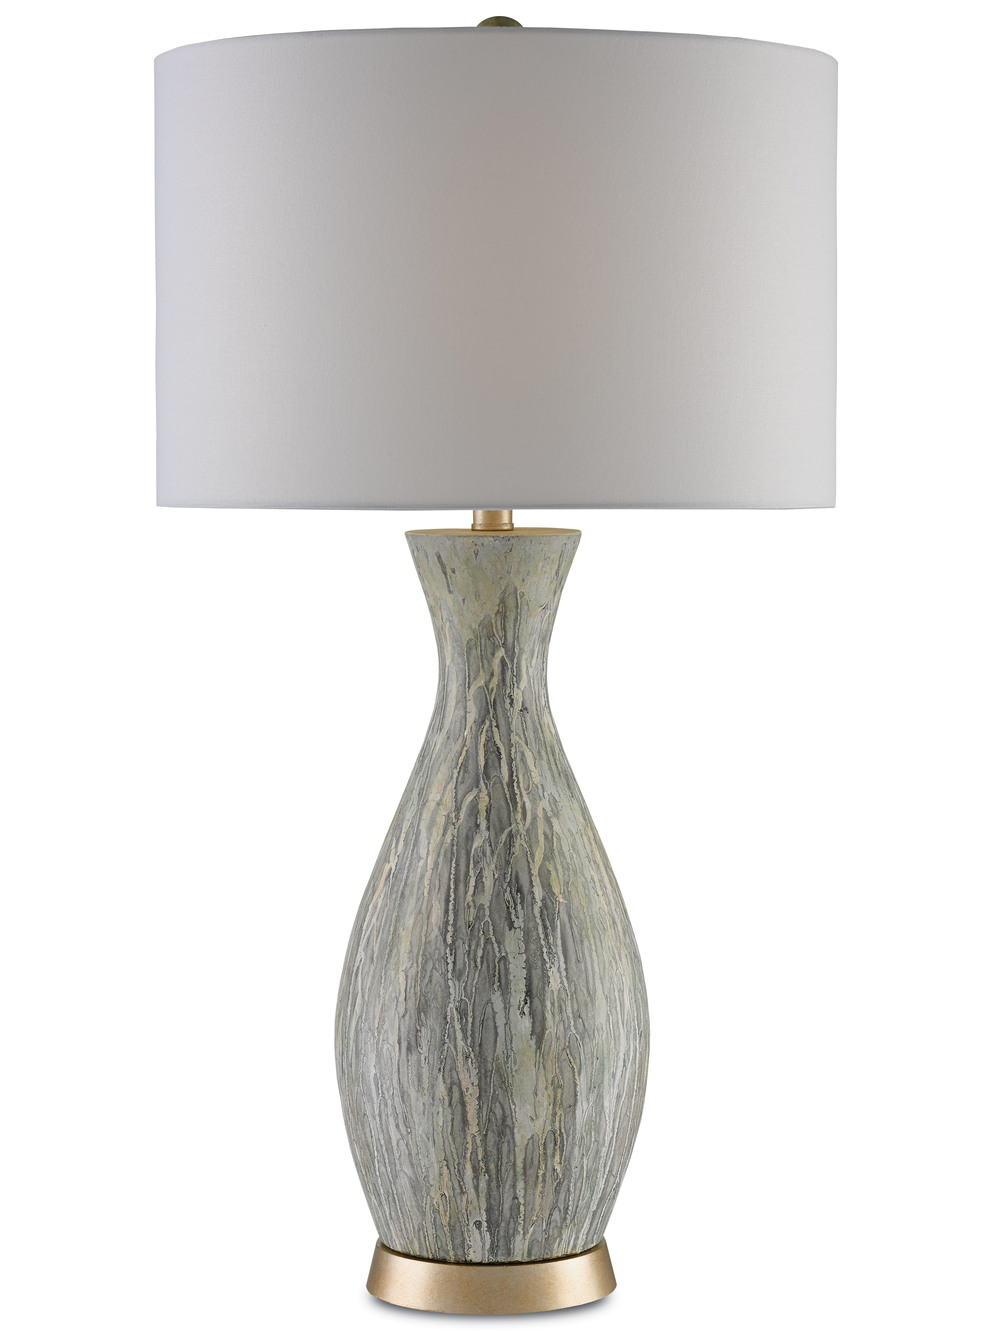 Currey & Company - Rana Table Lamp